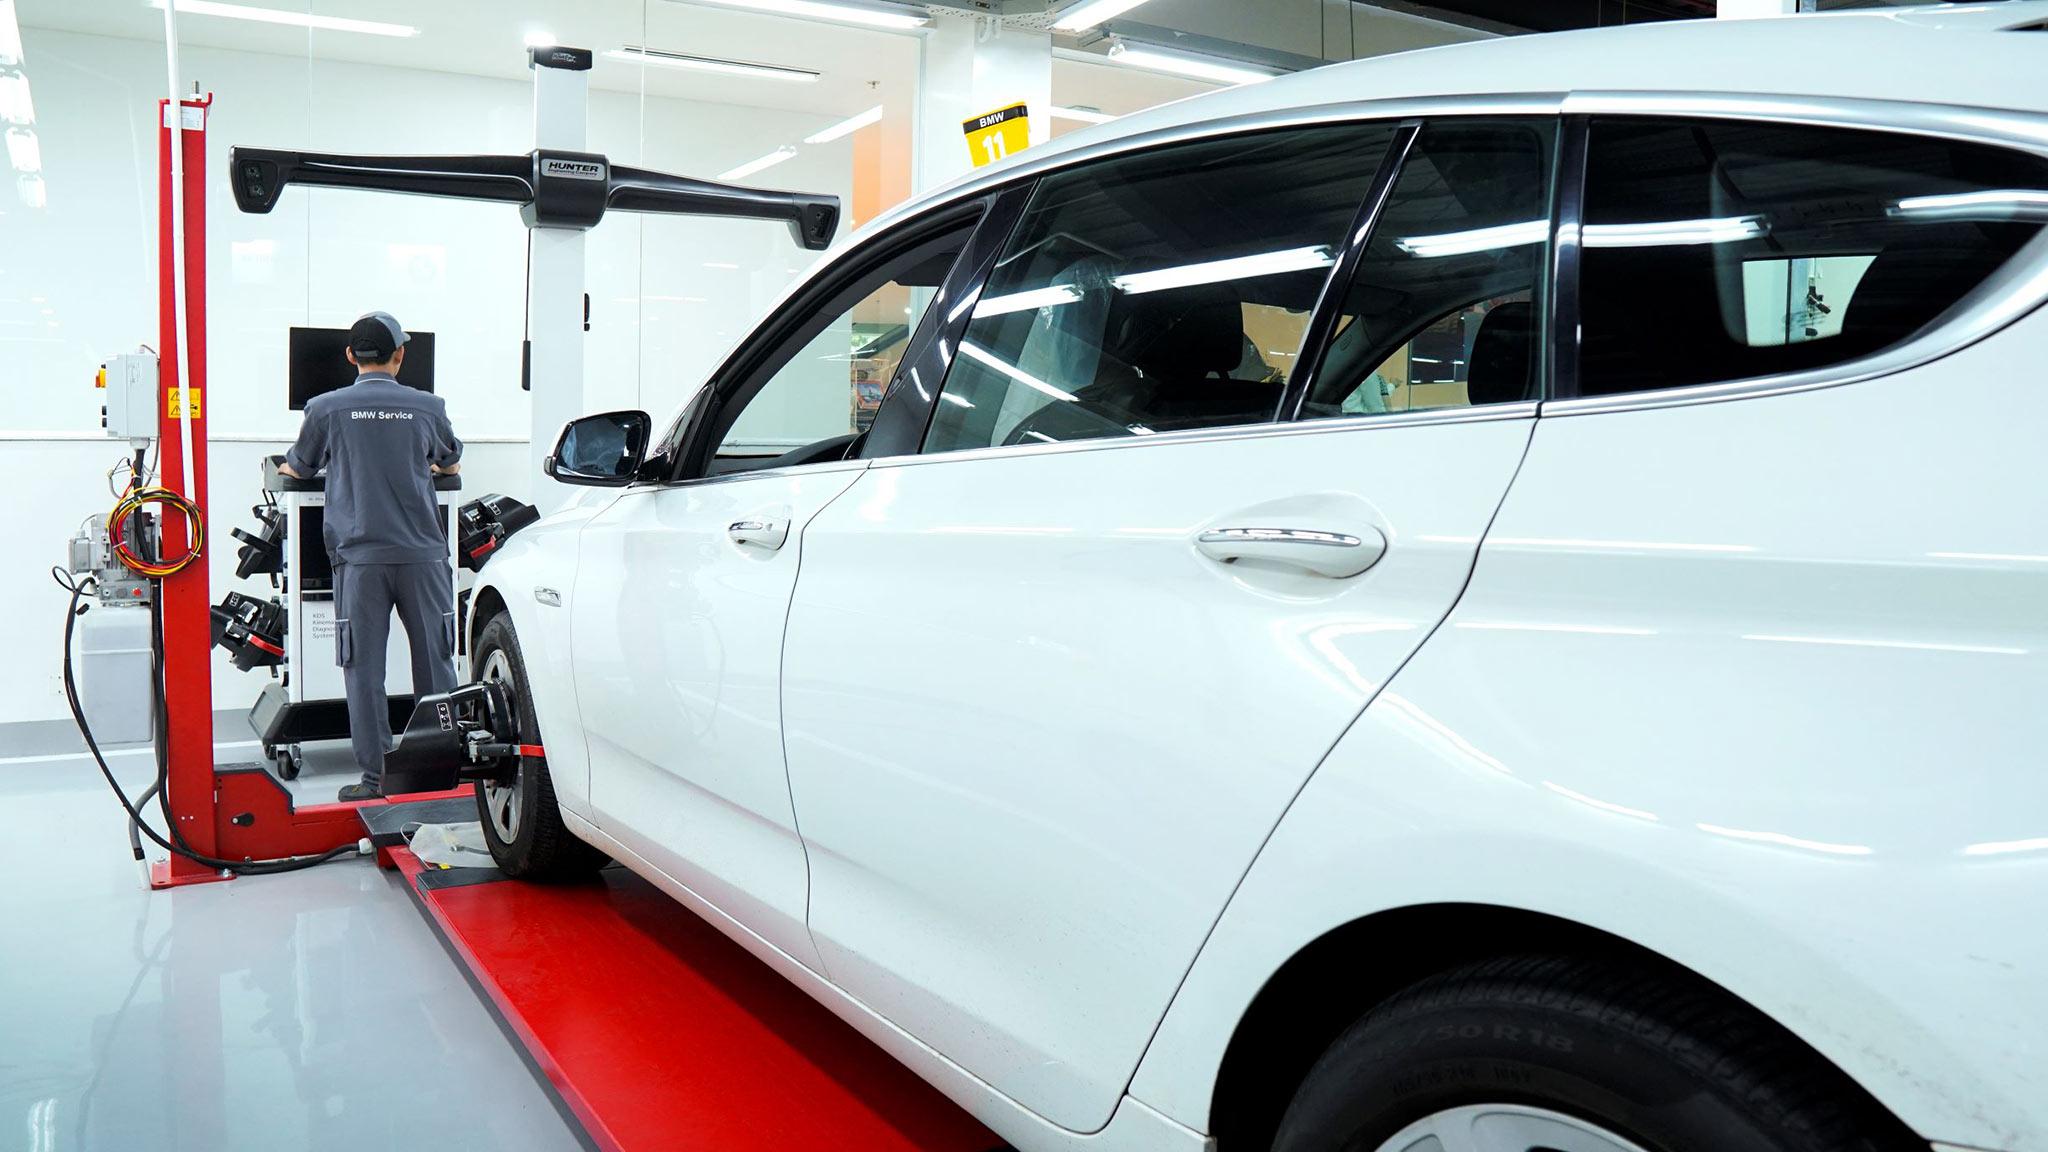 Dịch vụ BMW chính hãng: Đẳng cấp xứng tầm thương hiệu bmw-services-02.jpg